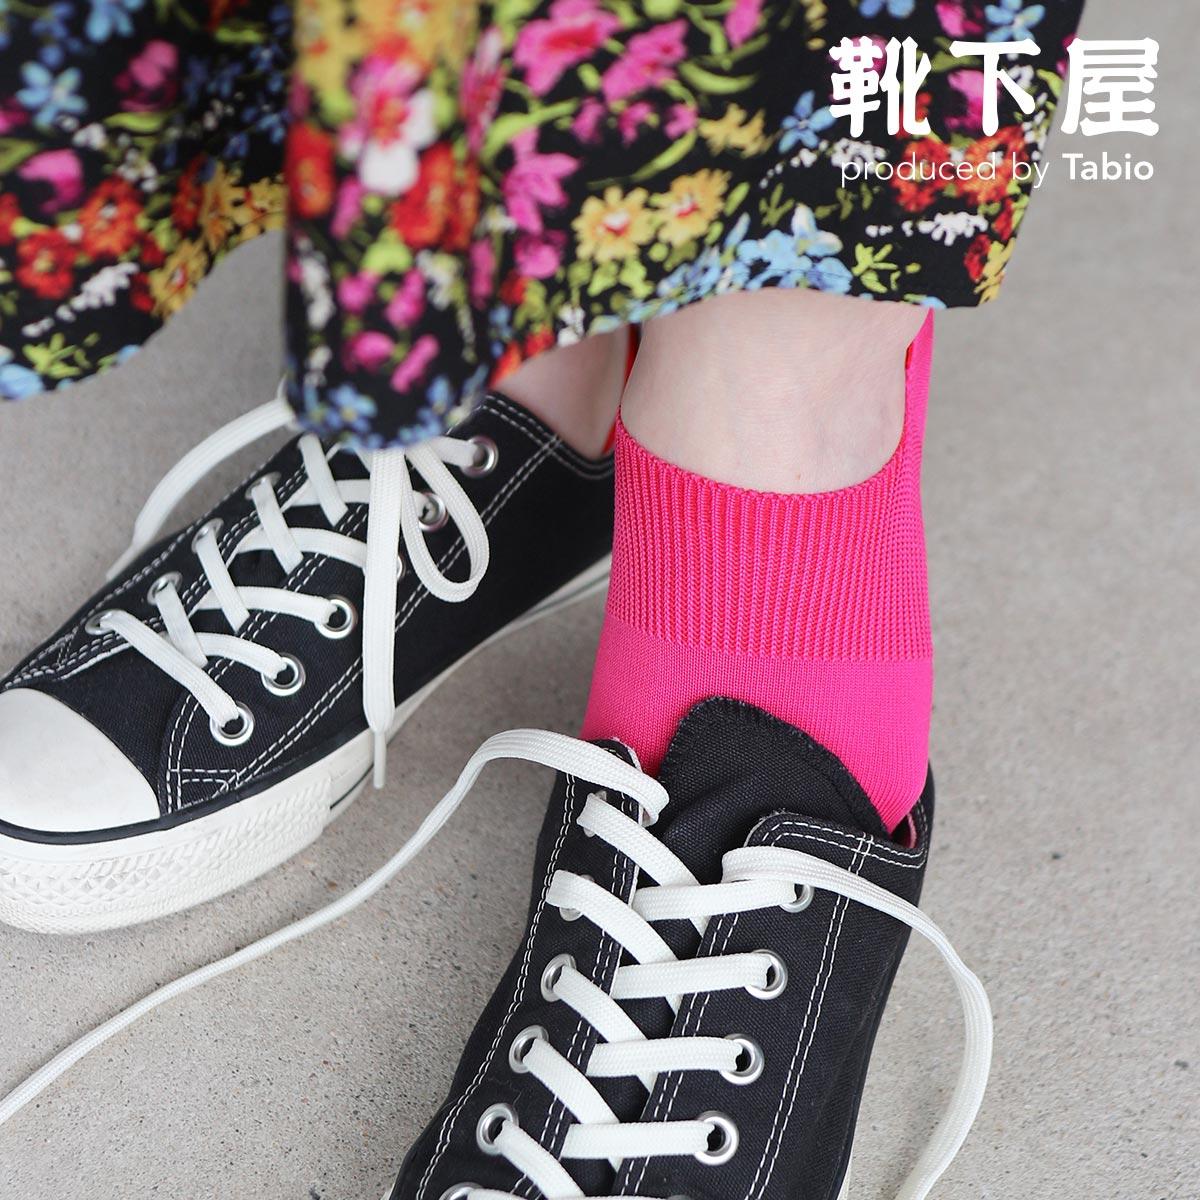 【あす楽】【靴下屋】 クールマックス(R) ドライサポートカバーソックス / 靴下 タビオ Tabio くつ下 カバー フットカバー 吸水速乾 ドライ レディース 日本製